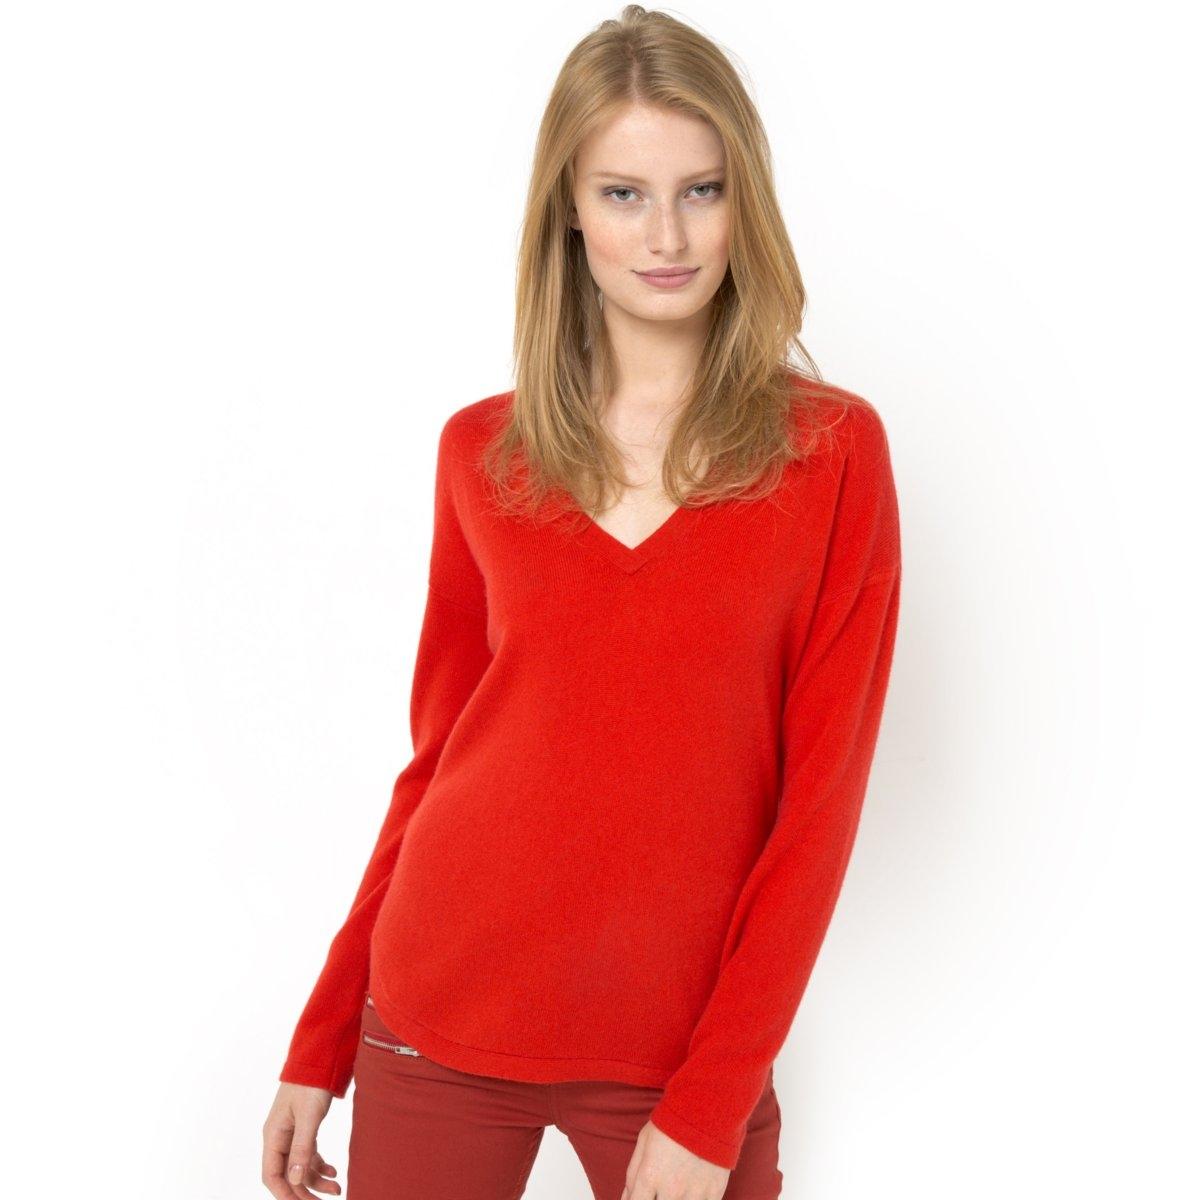 Пуловер, 100% кашемираПуловер из 100% кашемира. Глубокий V-образный вырез. Квадратный покрой. Длинные рукава. V-образный вырез с декором сзади. Края рукавов и низа связаны в рубчик. Закругленный низ. Длина: 68 см.<br><br>Цвет: красный/оранжевый матовый<br>Размер: 50/52 (FR) - 56/58 (RUS)